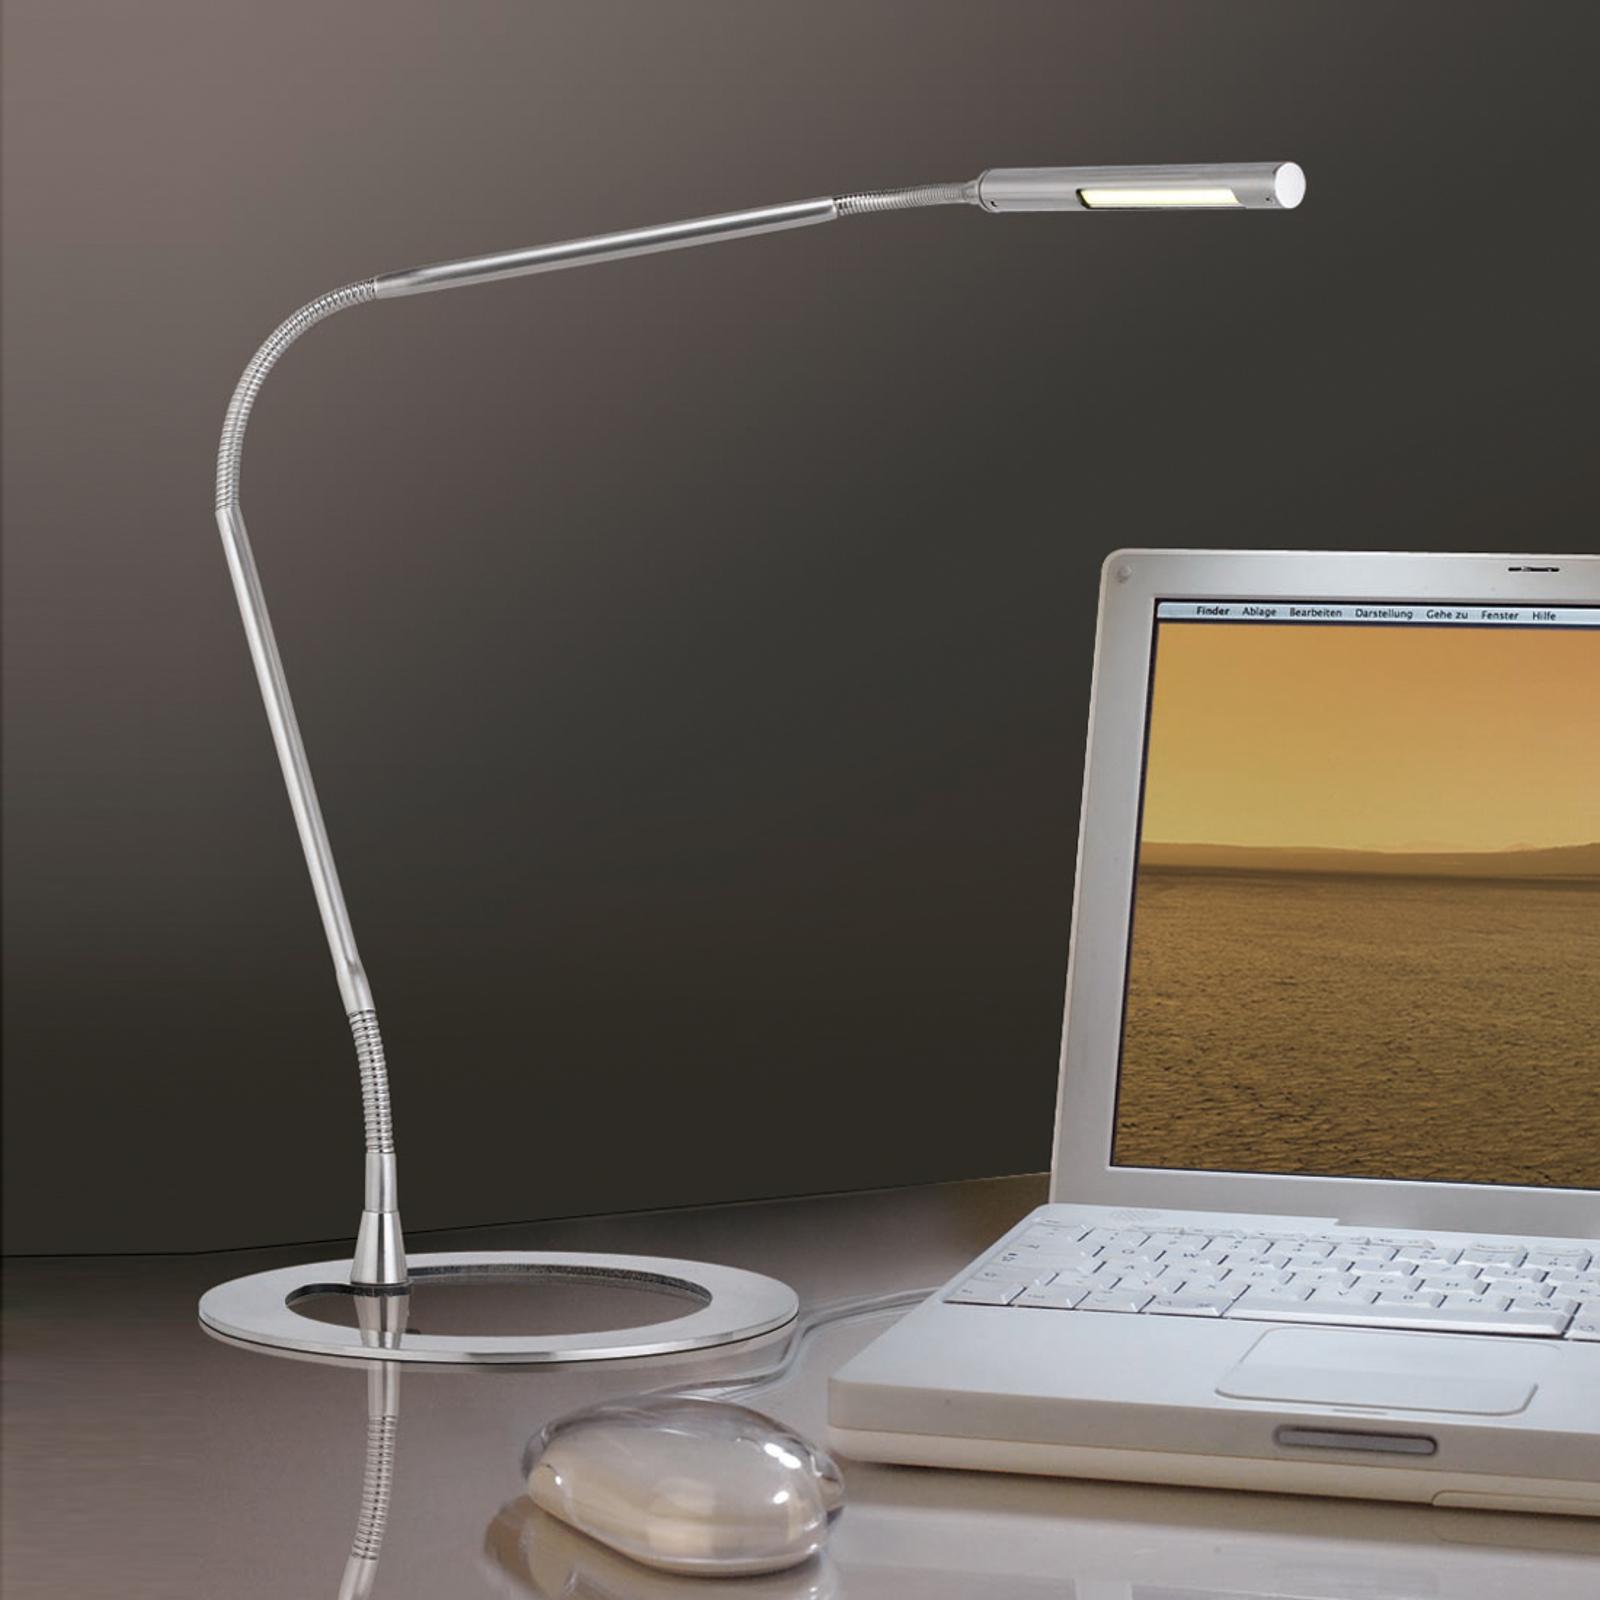 Sottile lampada da scrivania PLAZA, ferro Illuminazione per interni